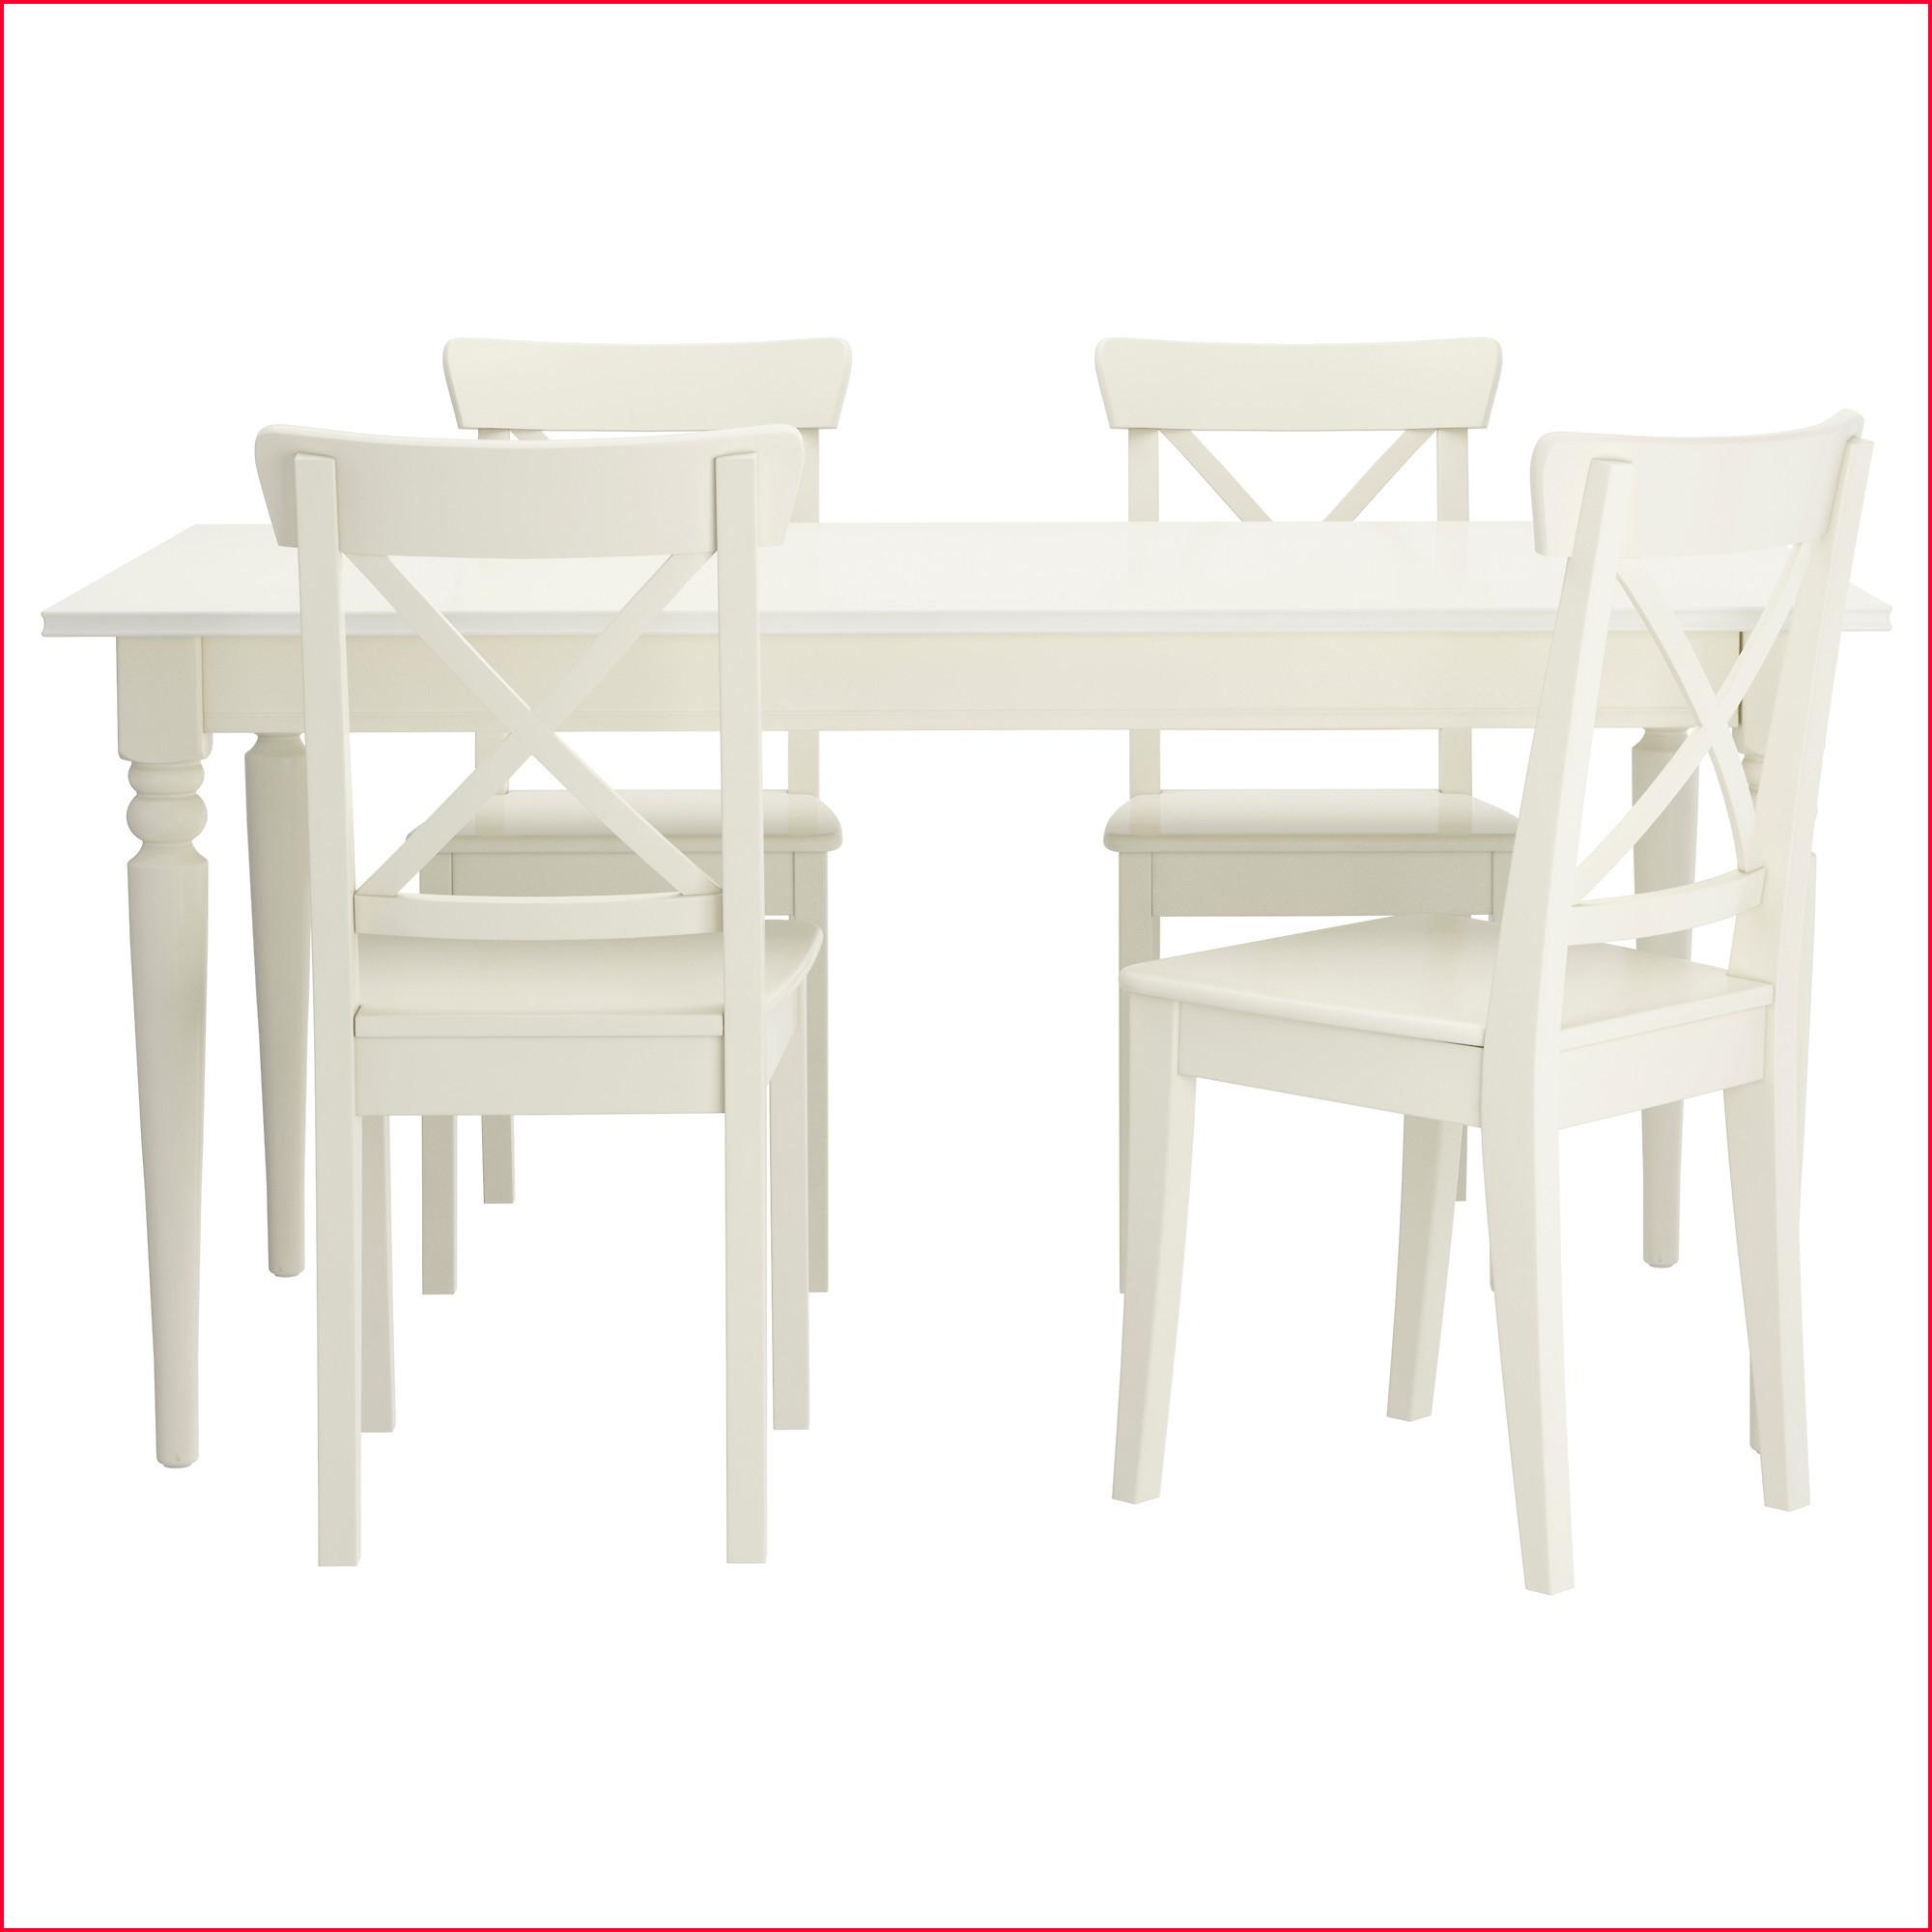 Cocina Fmdf Sillas De Y Ikea Mesas Mesa eWdoxBrC